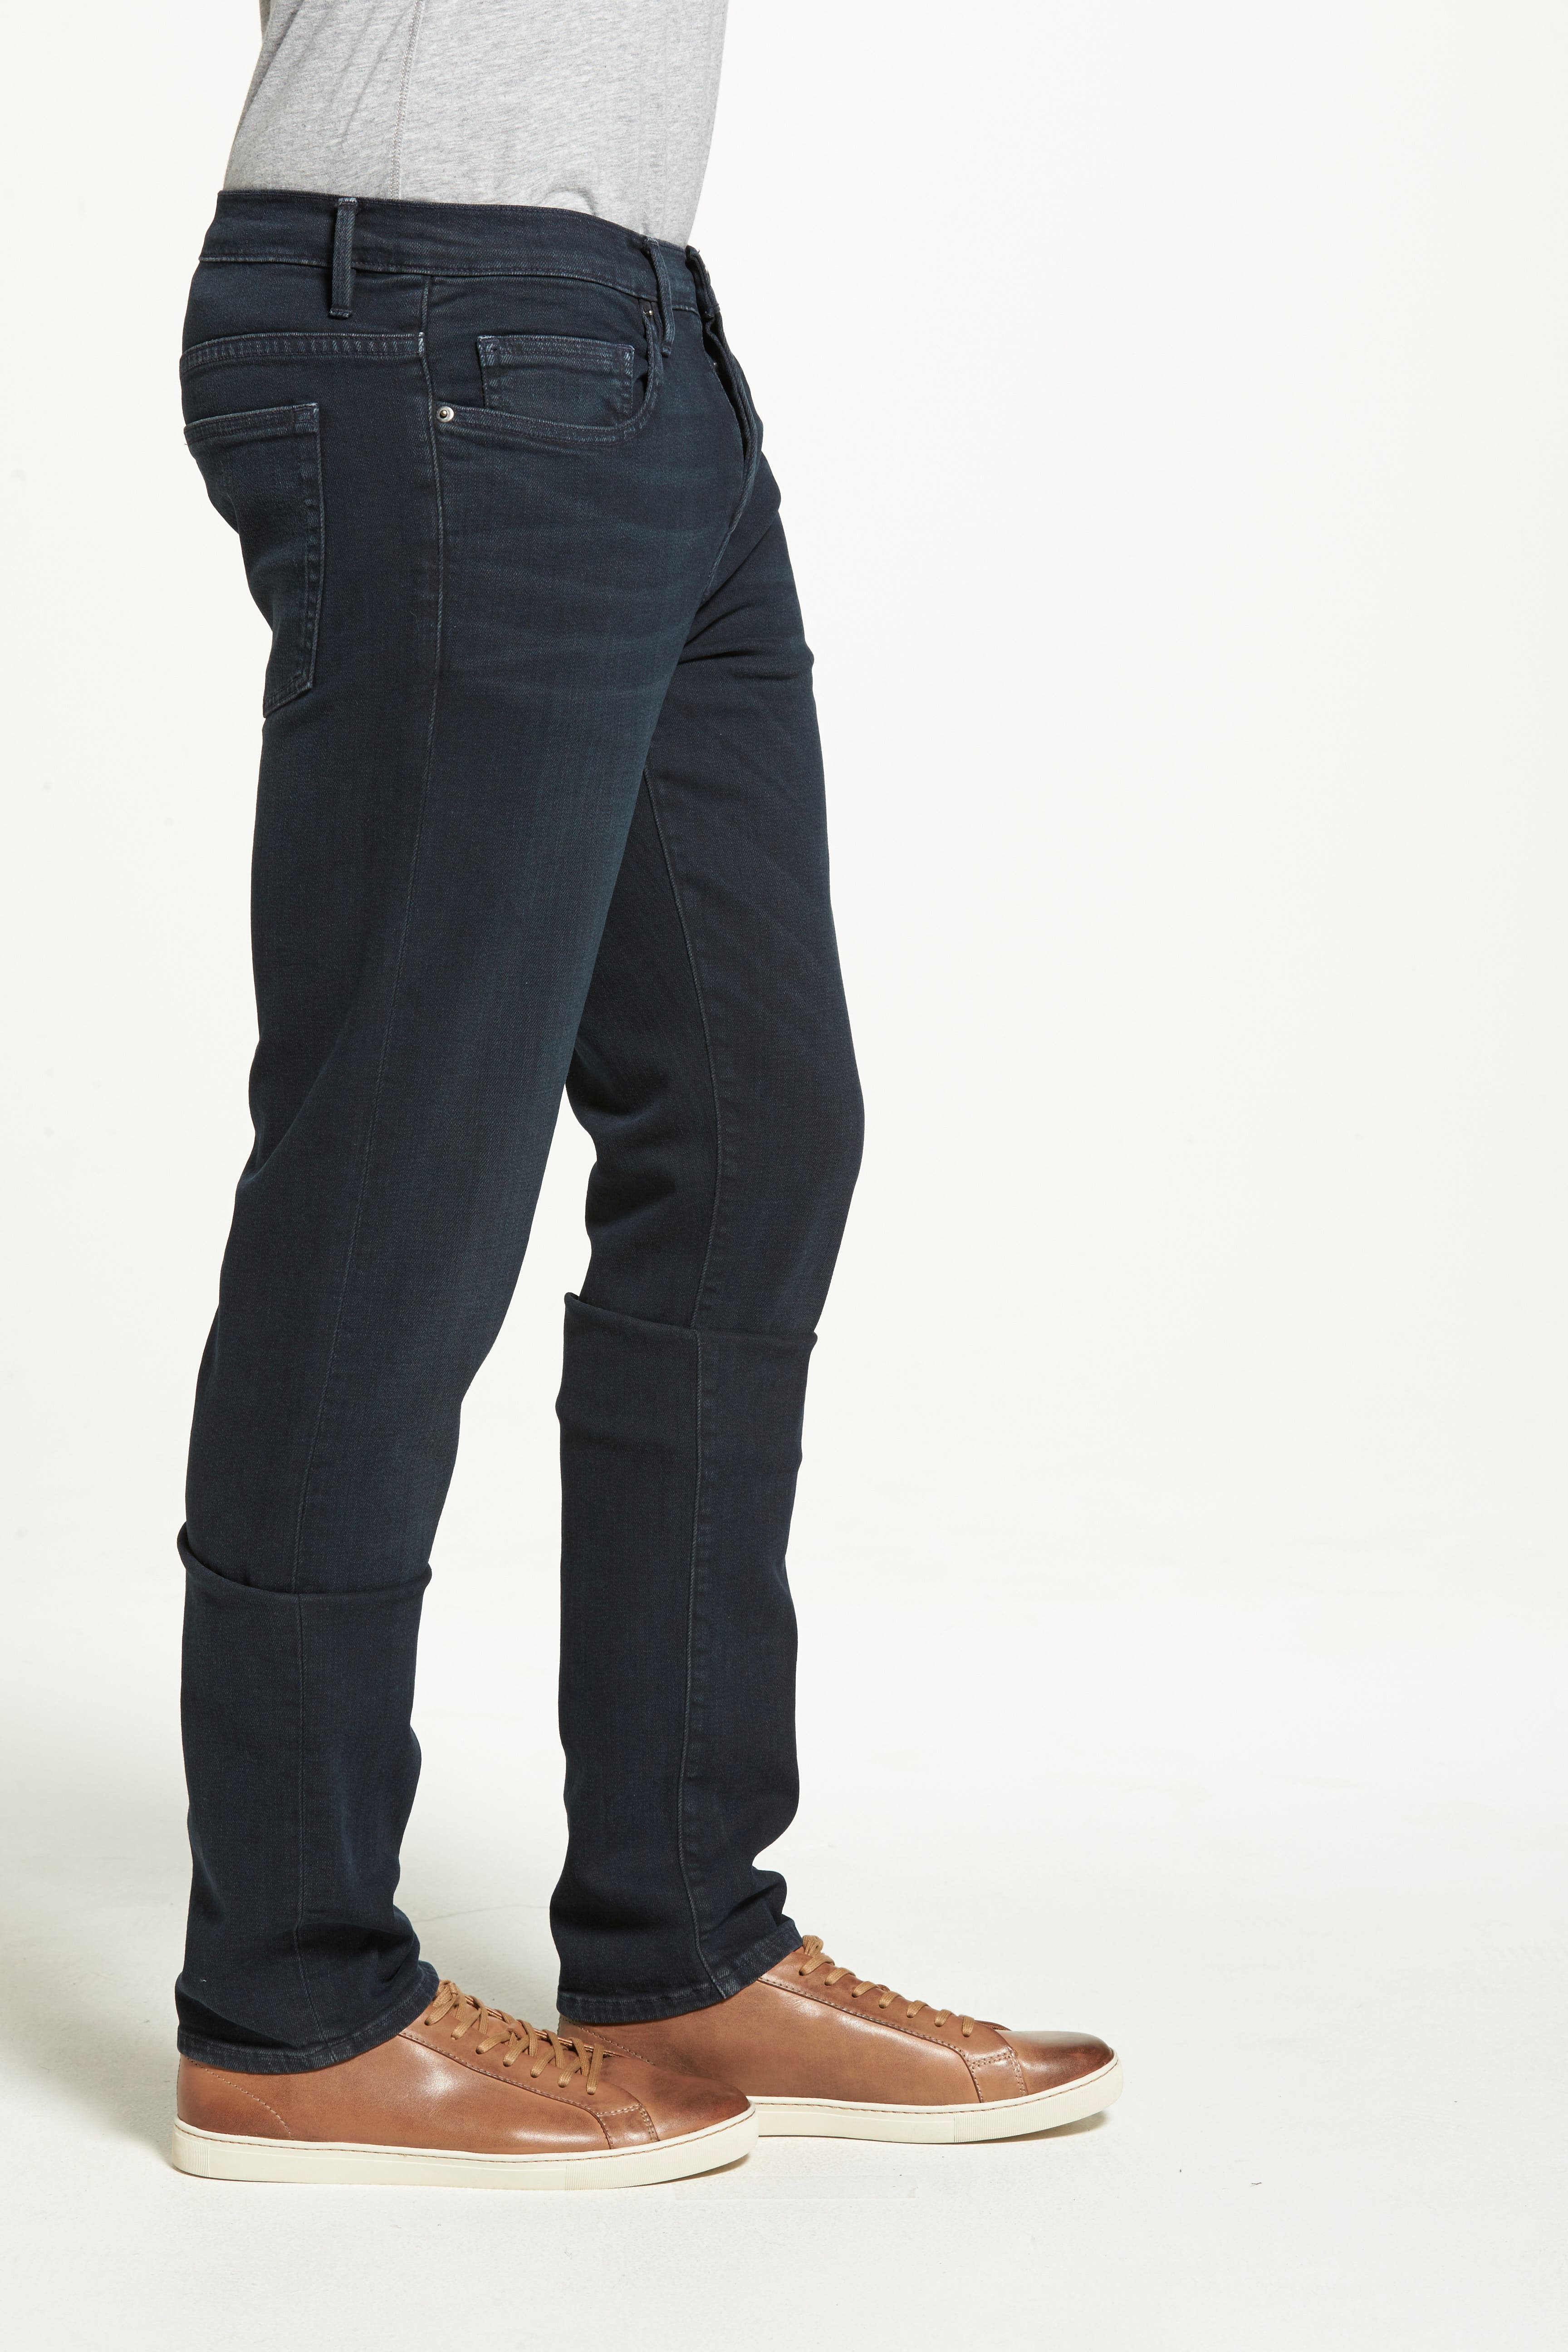 'L'Homme' Slim Fit Jeans,                             Alternate thumbnail 9, color,                             PLACID